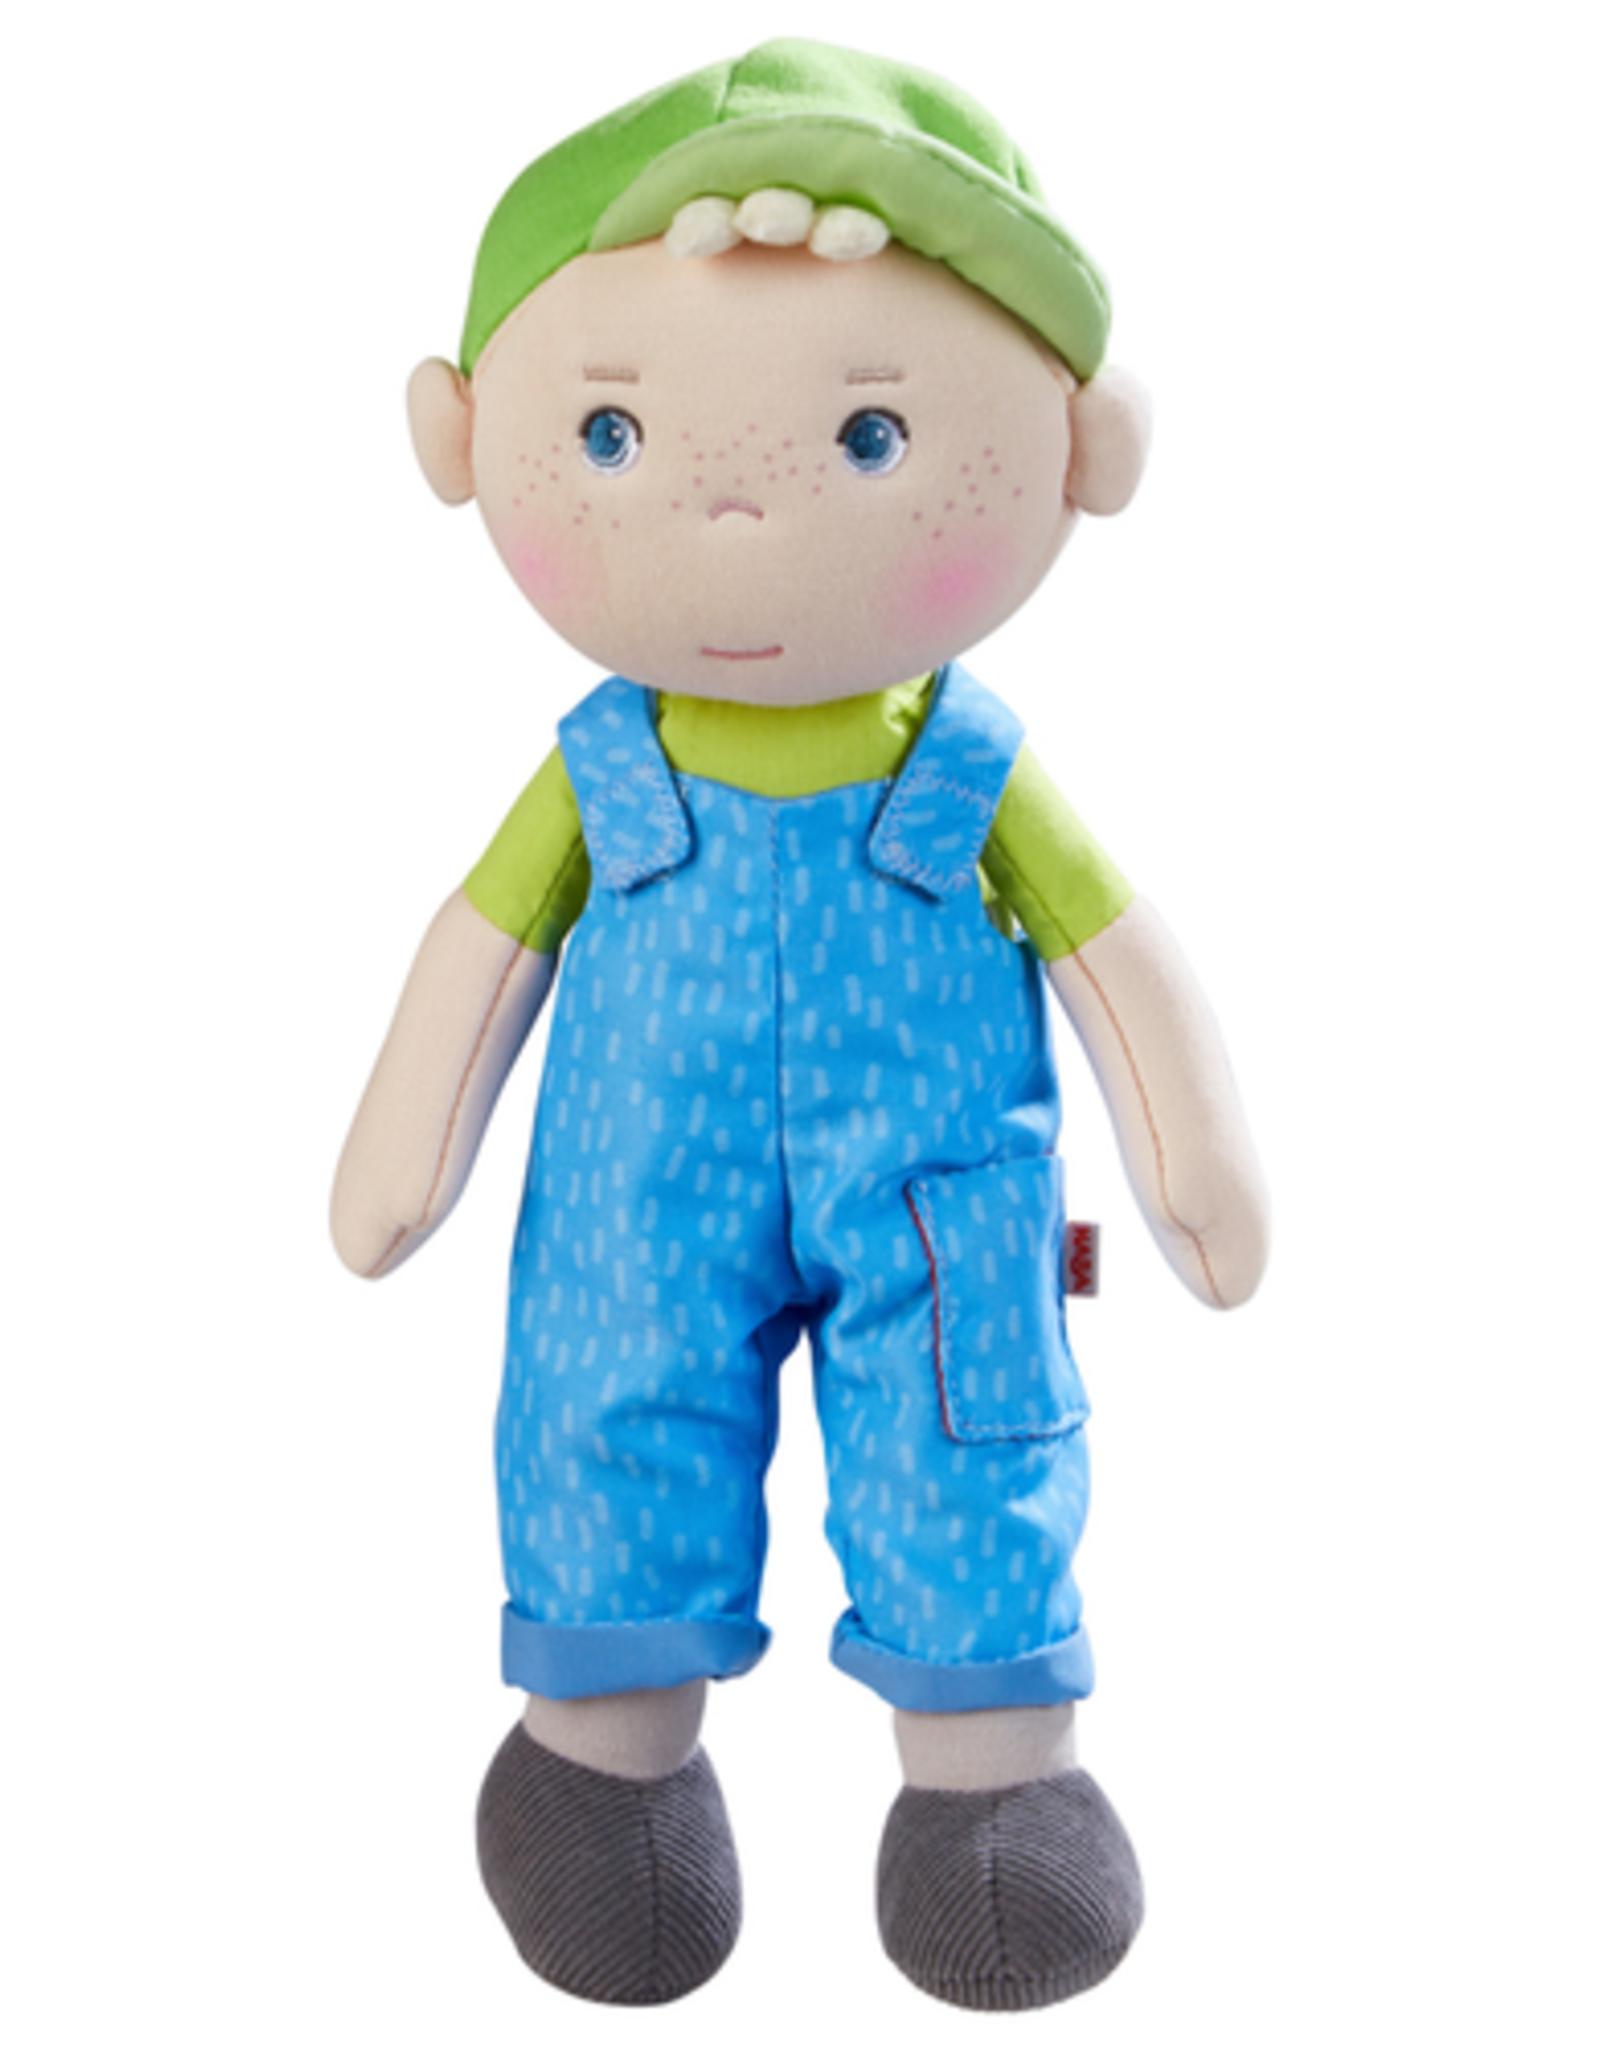 Haba Doll Boy Snug-Up Till